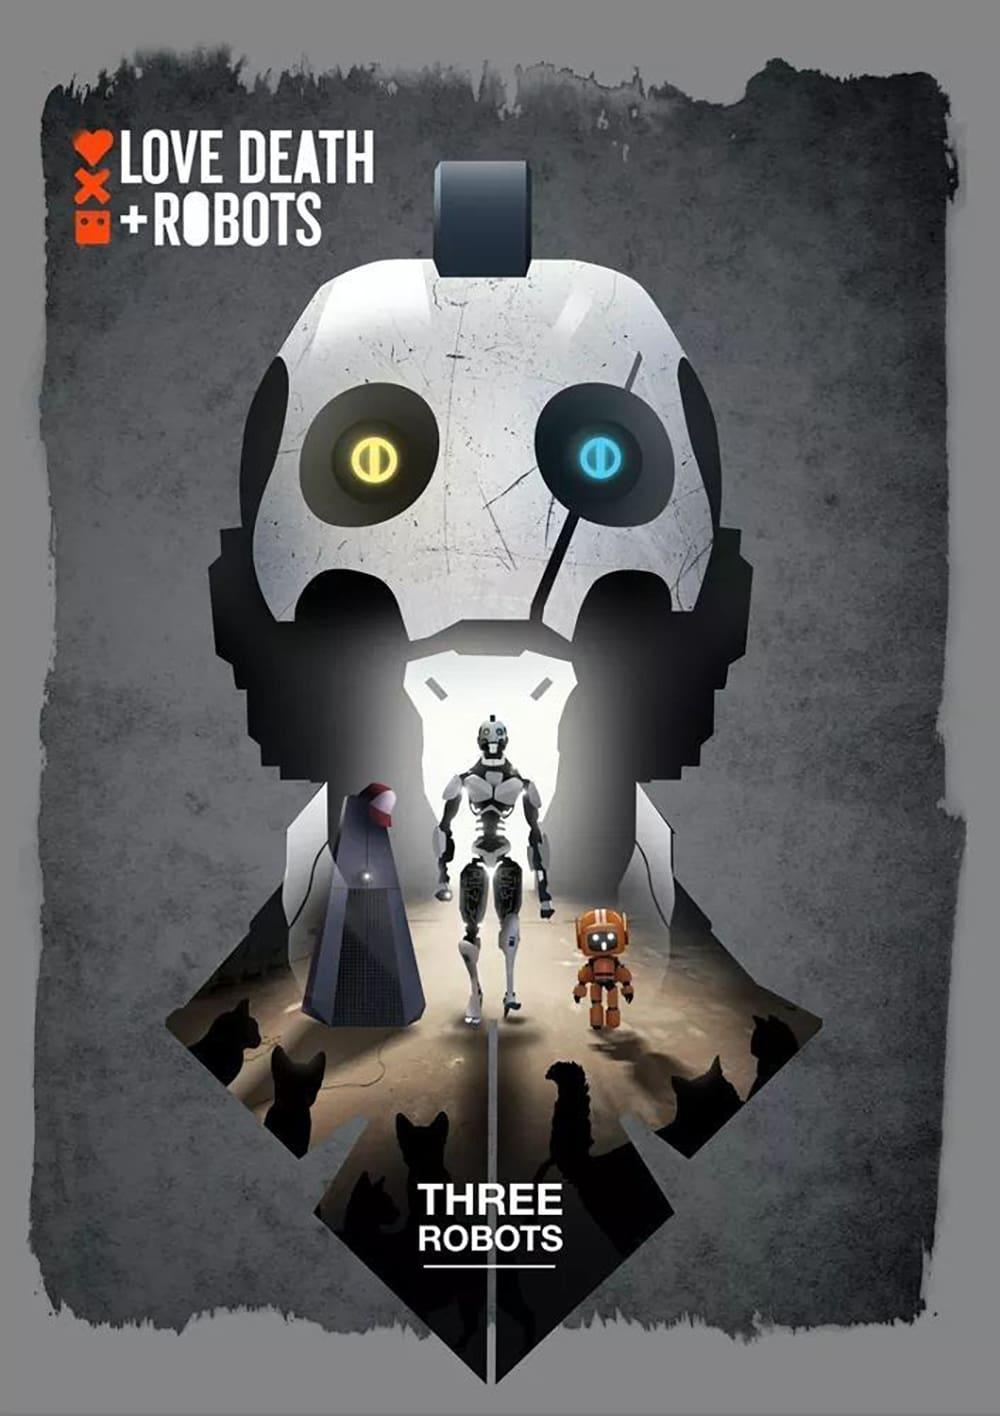 სიყვარული, სიკვდილი და რობოტები / Love, Death & Robots